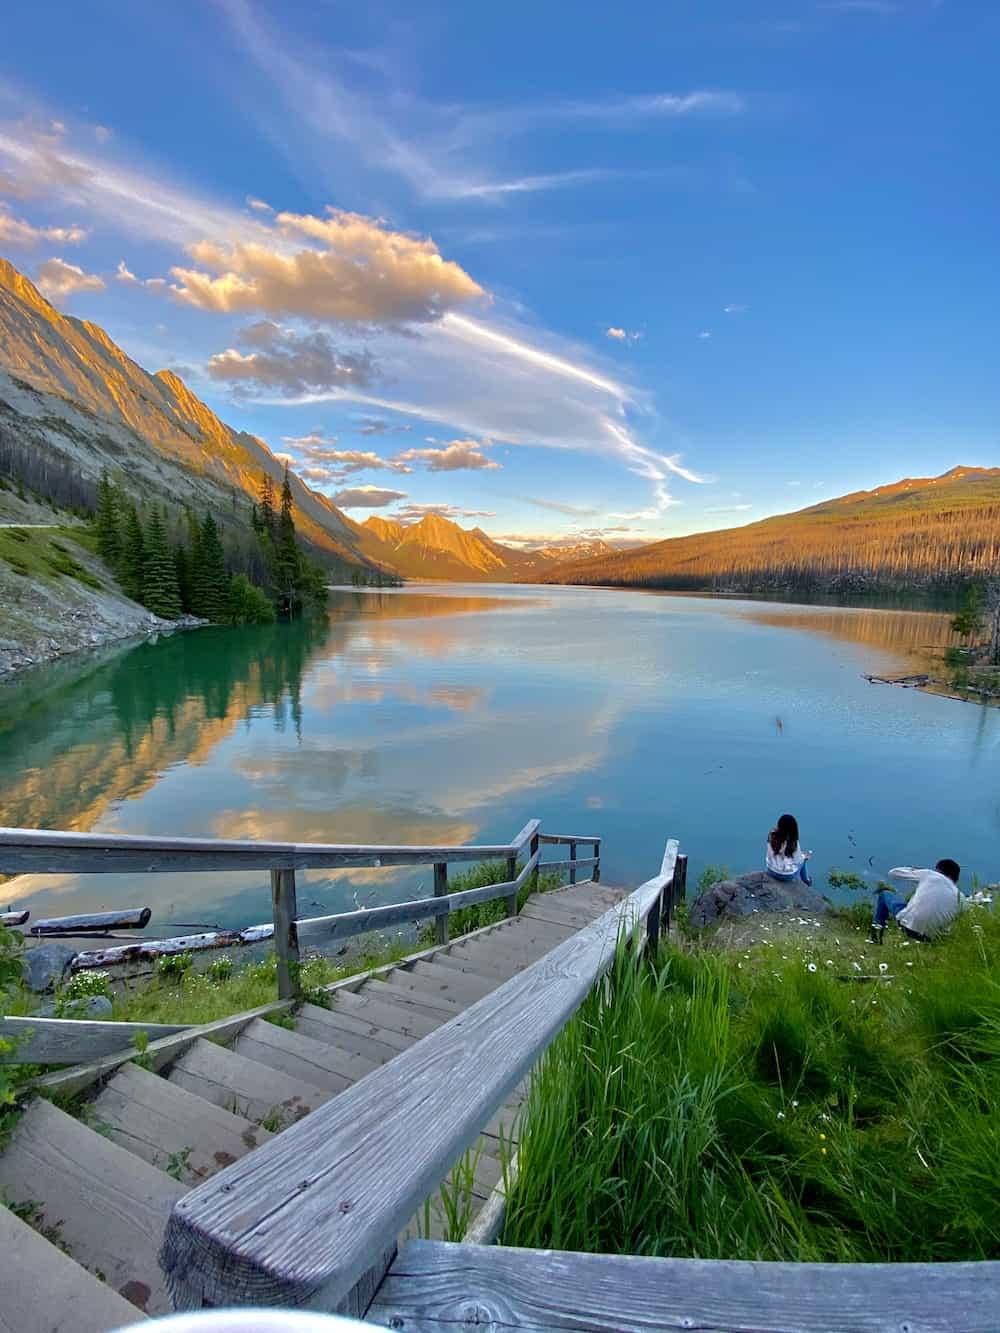 Sunset in Jasper Alberta Canada